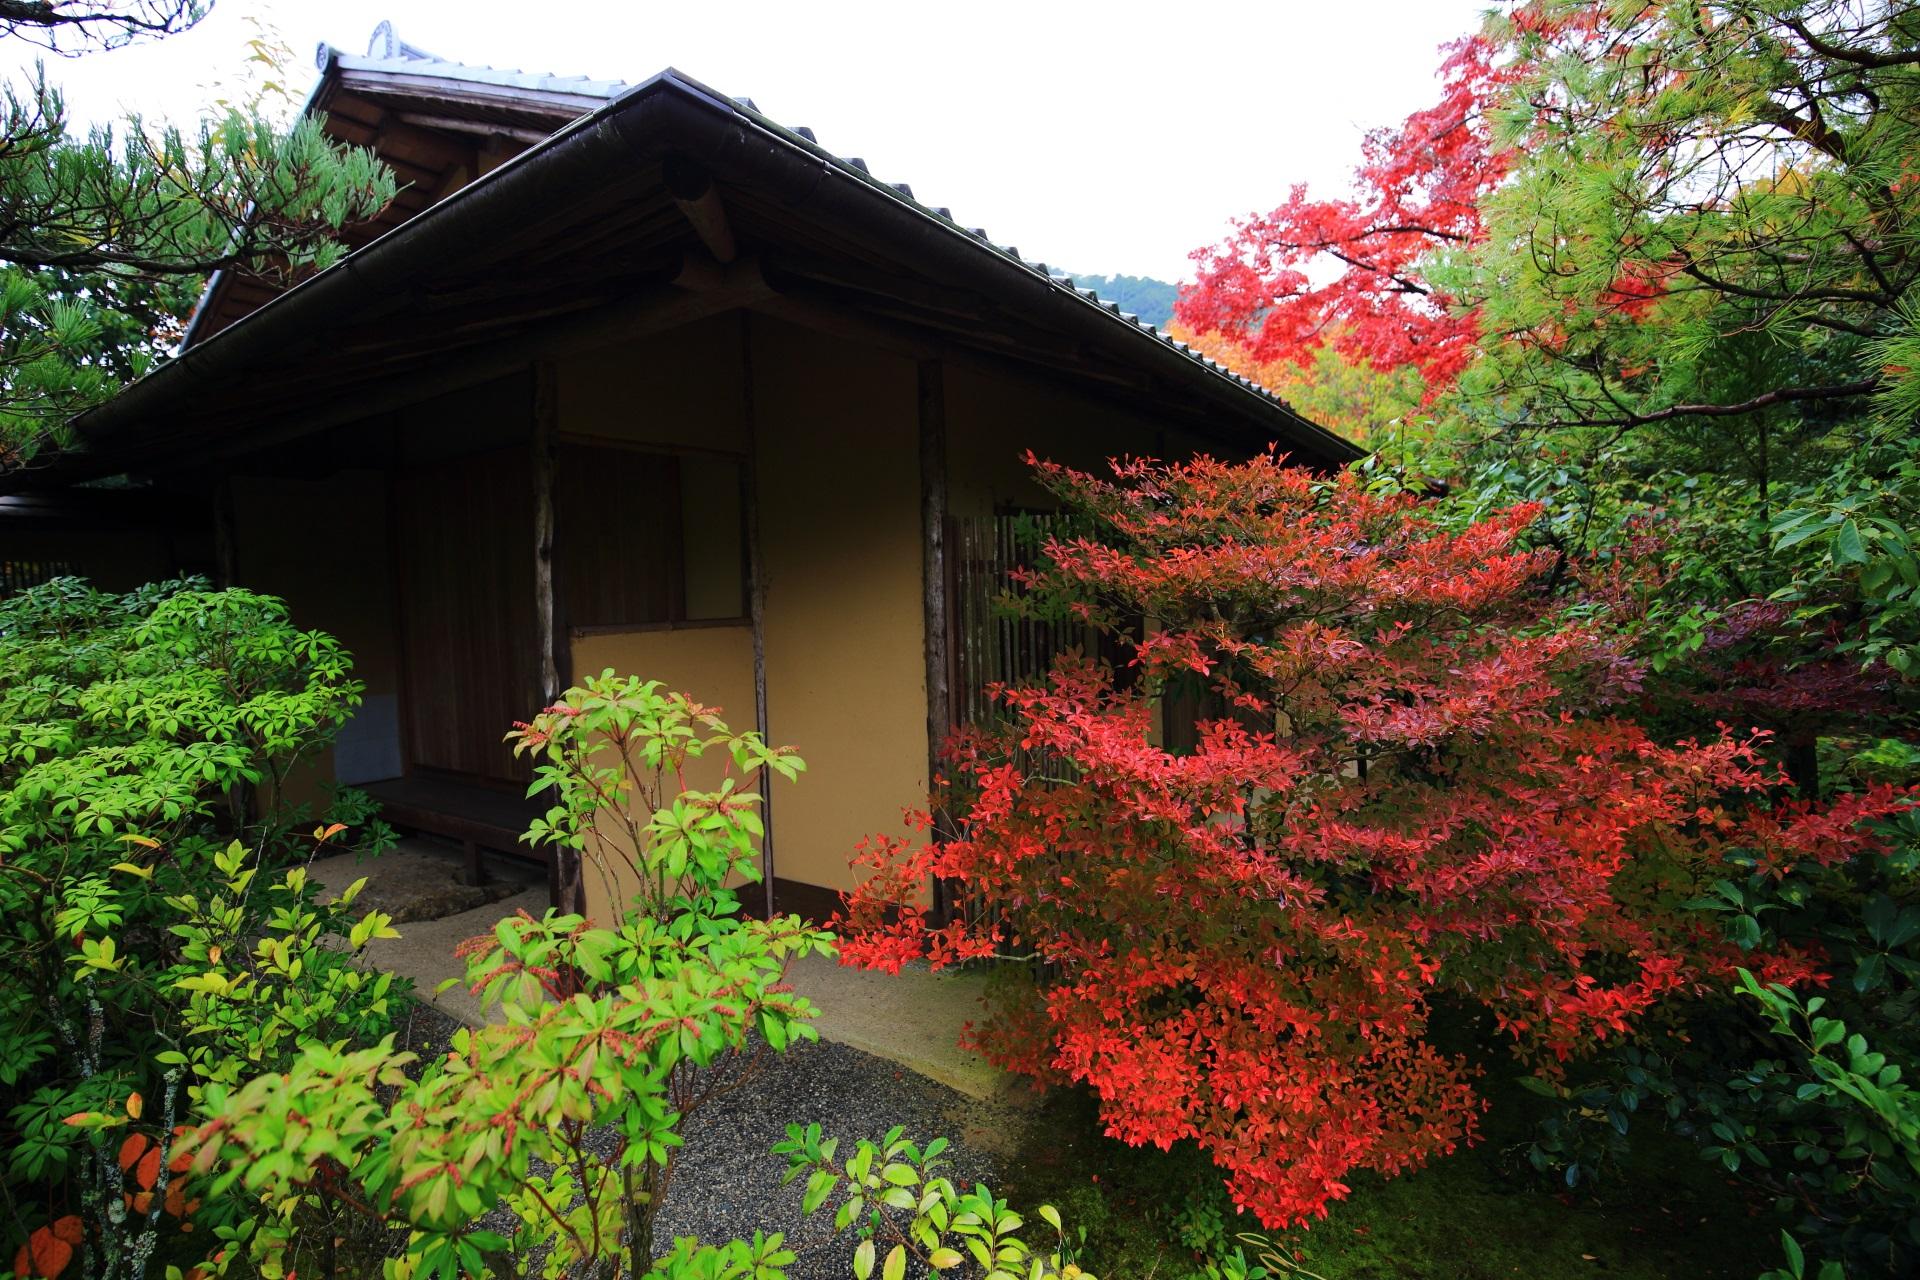 光悦寺の茶室を彩る鮮やかなツツジの紅葉